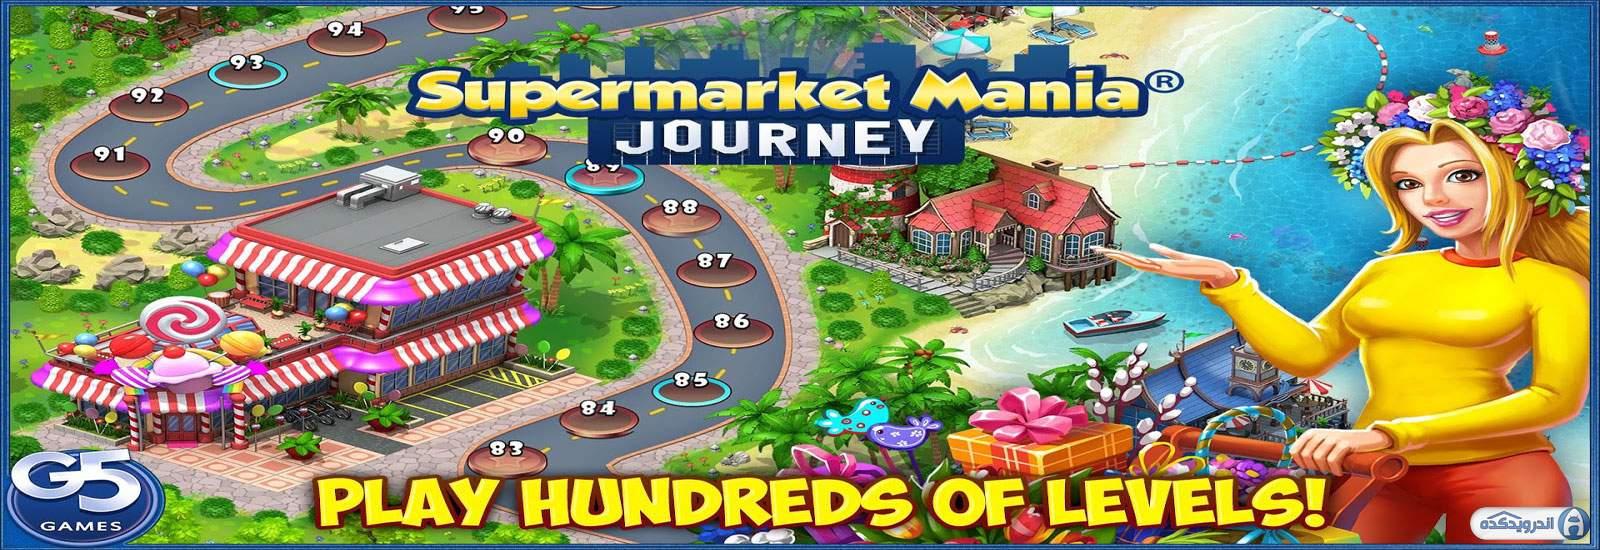 دانلود Supermarket Mania Journey 3.9.1100  بازی مدیریت سوپرمارکت اندروید + مود